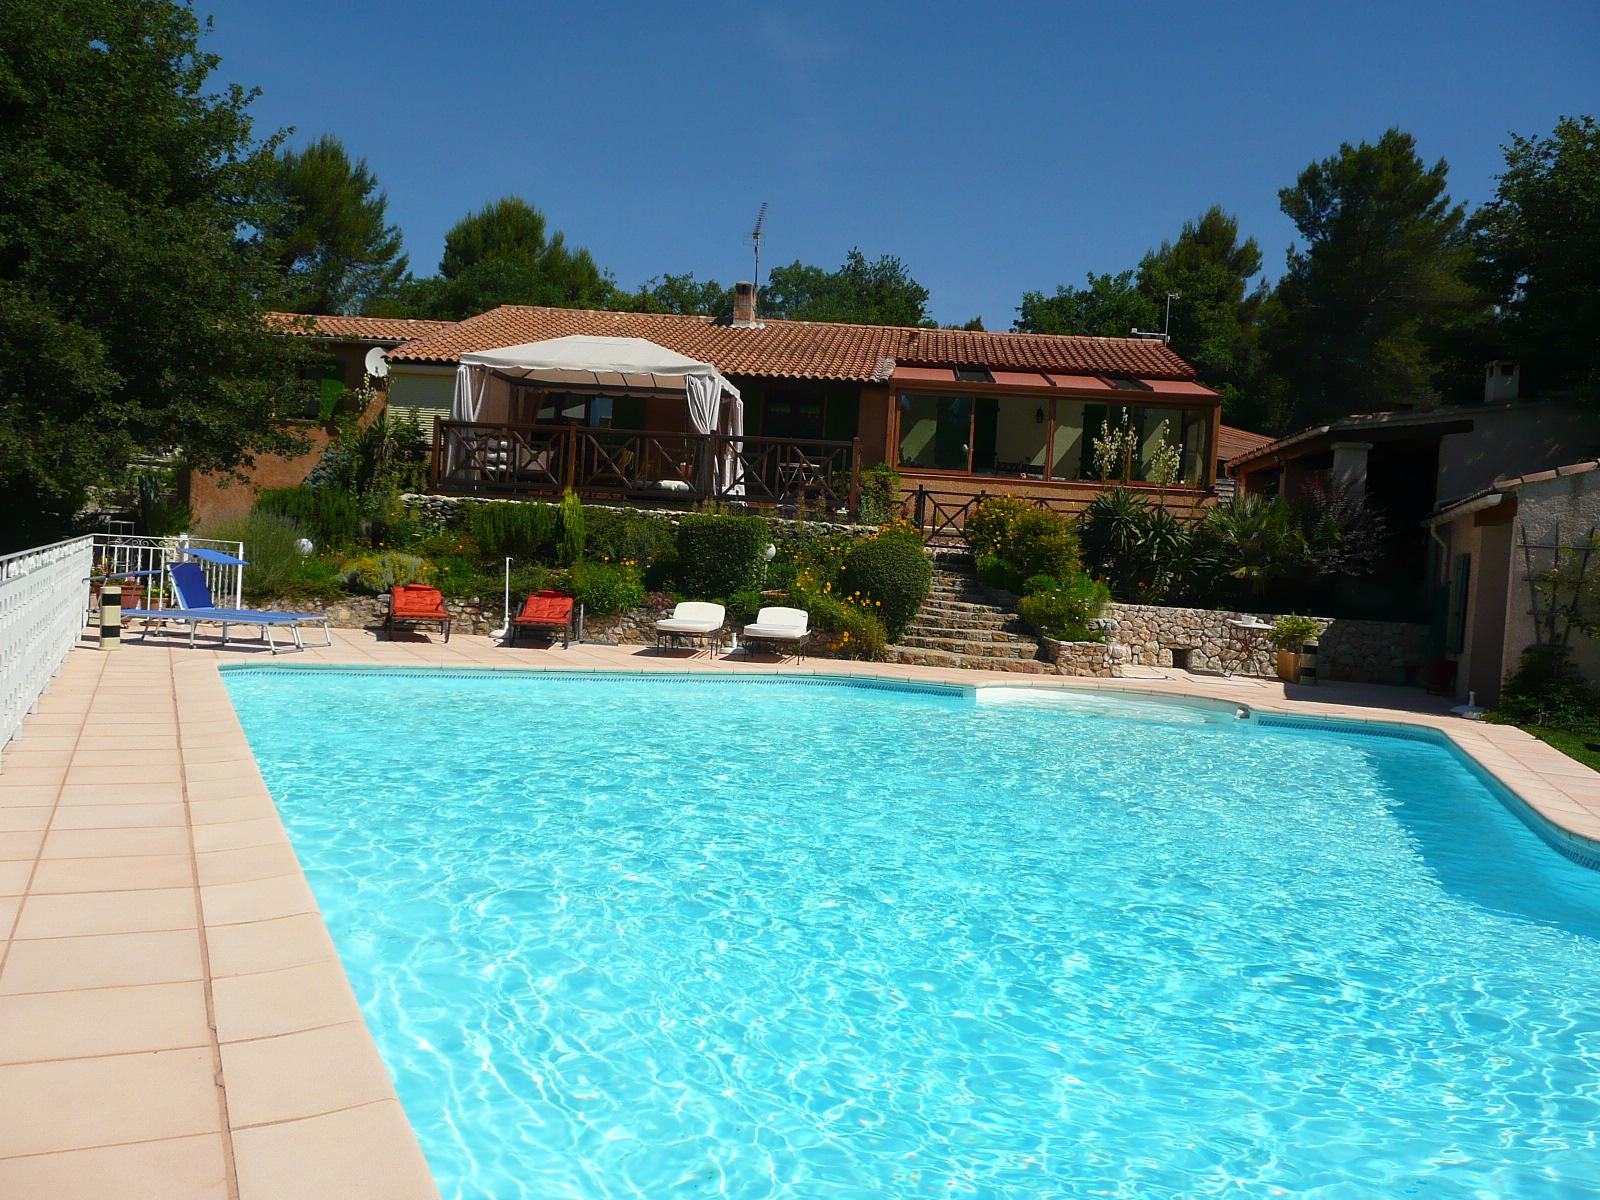 Maison d 39 h tes entre sainte victoire calanques sainte baume maison d 39 h tes de charme bed - Chambre d hotes aix en provence piscine ...